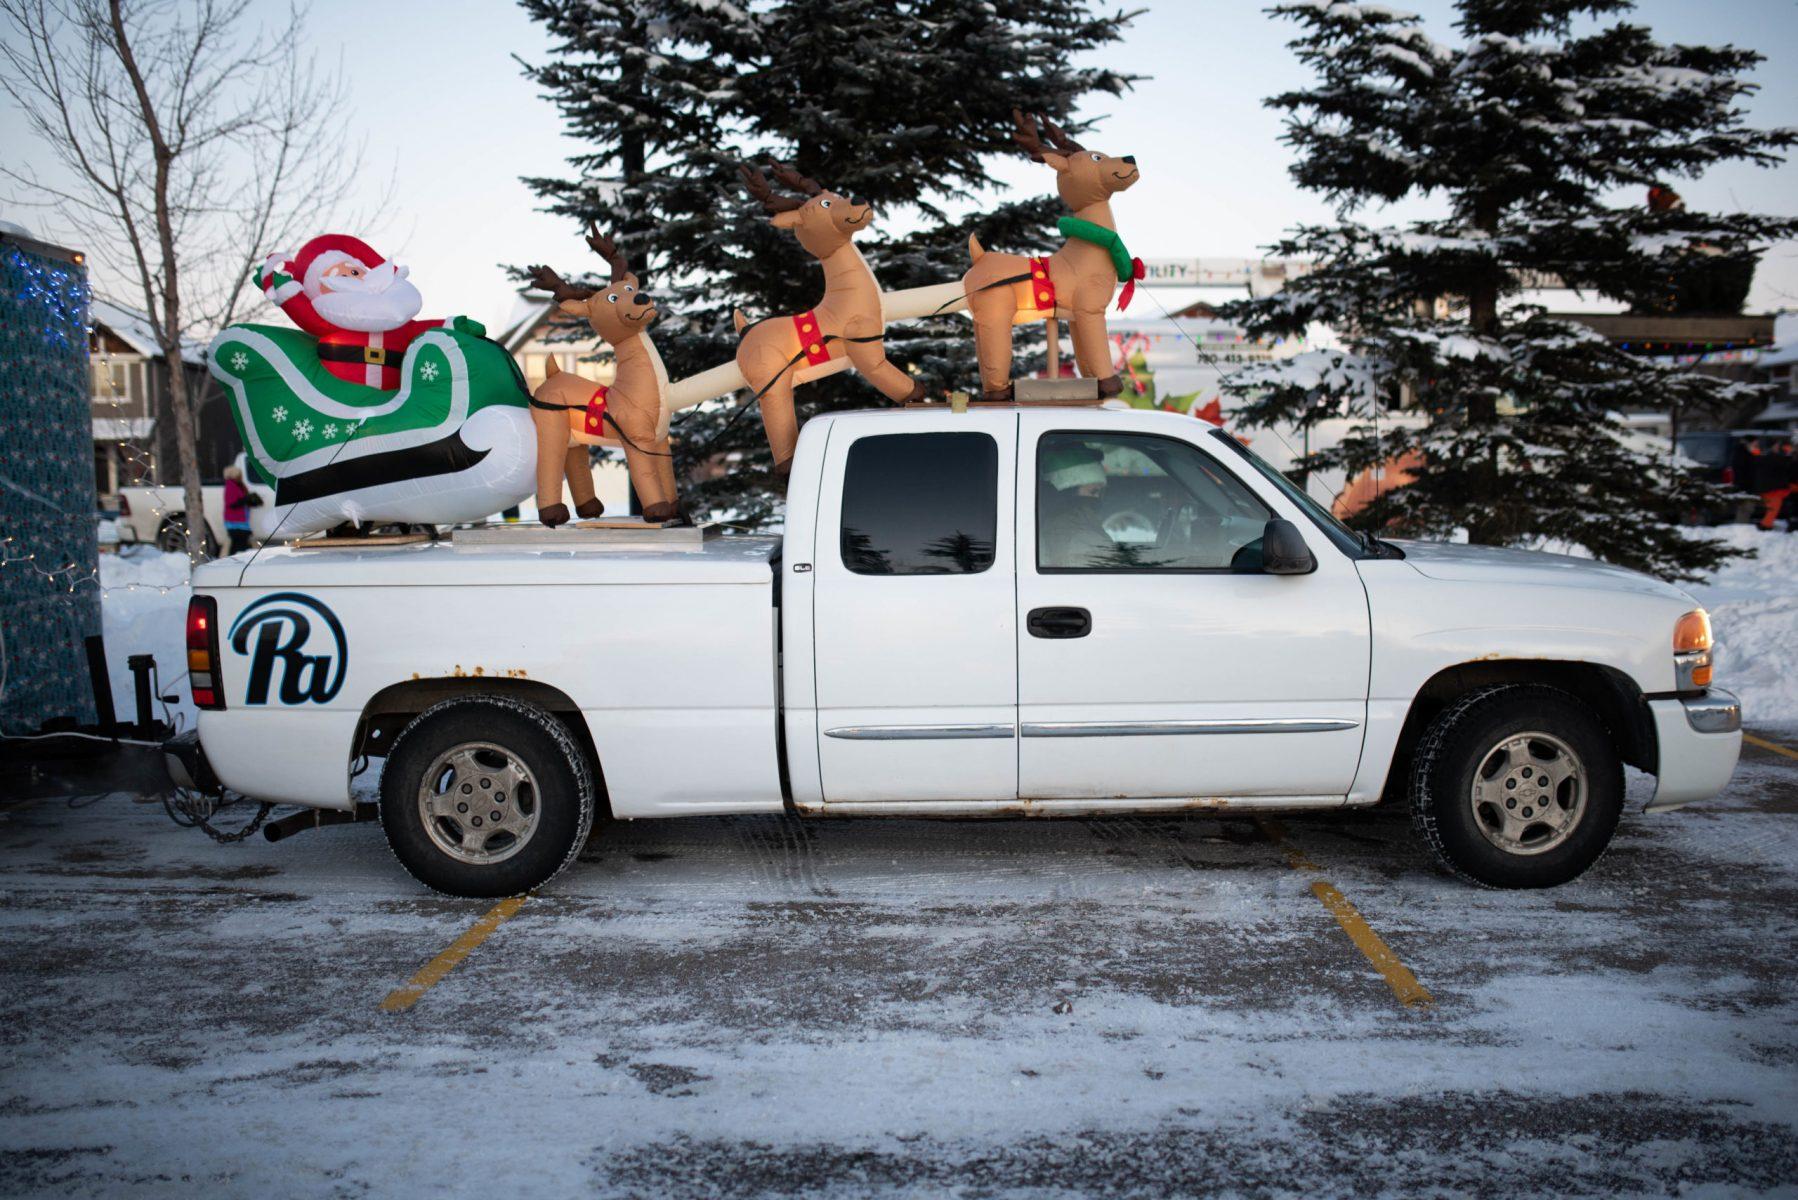 Auburn-Bay-Christmas-Parade-2019-20-scaled